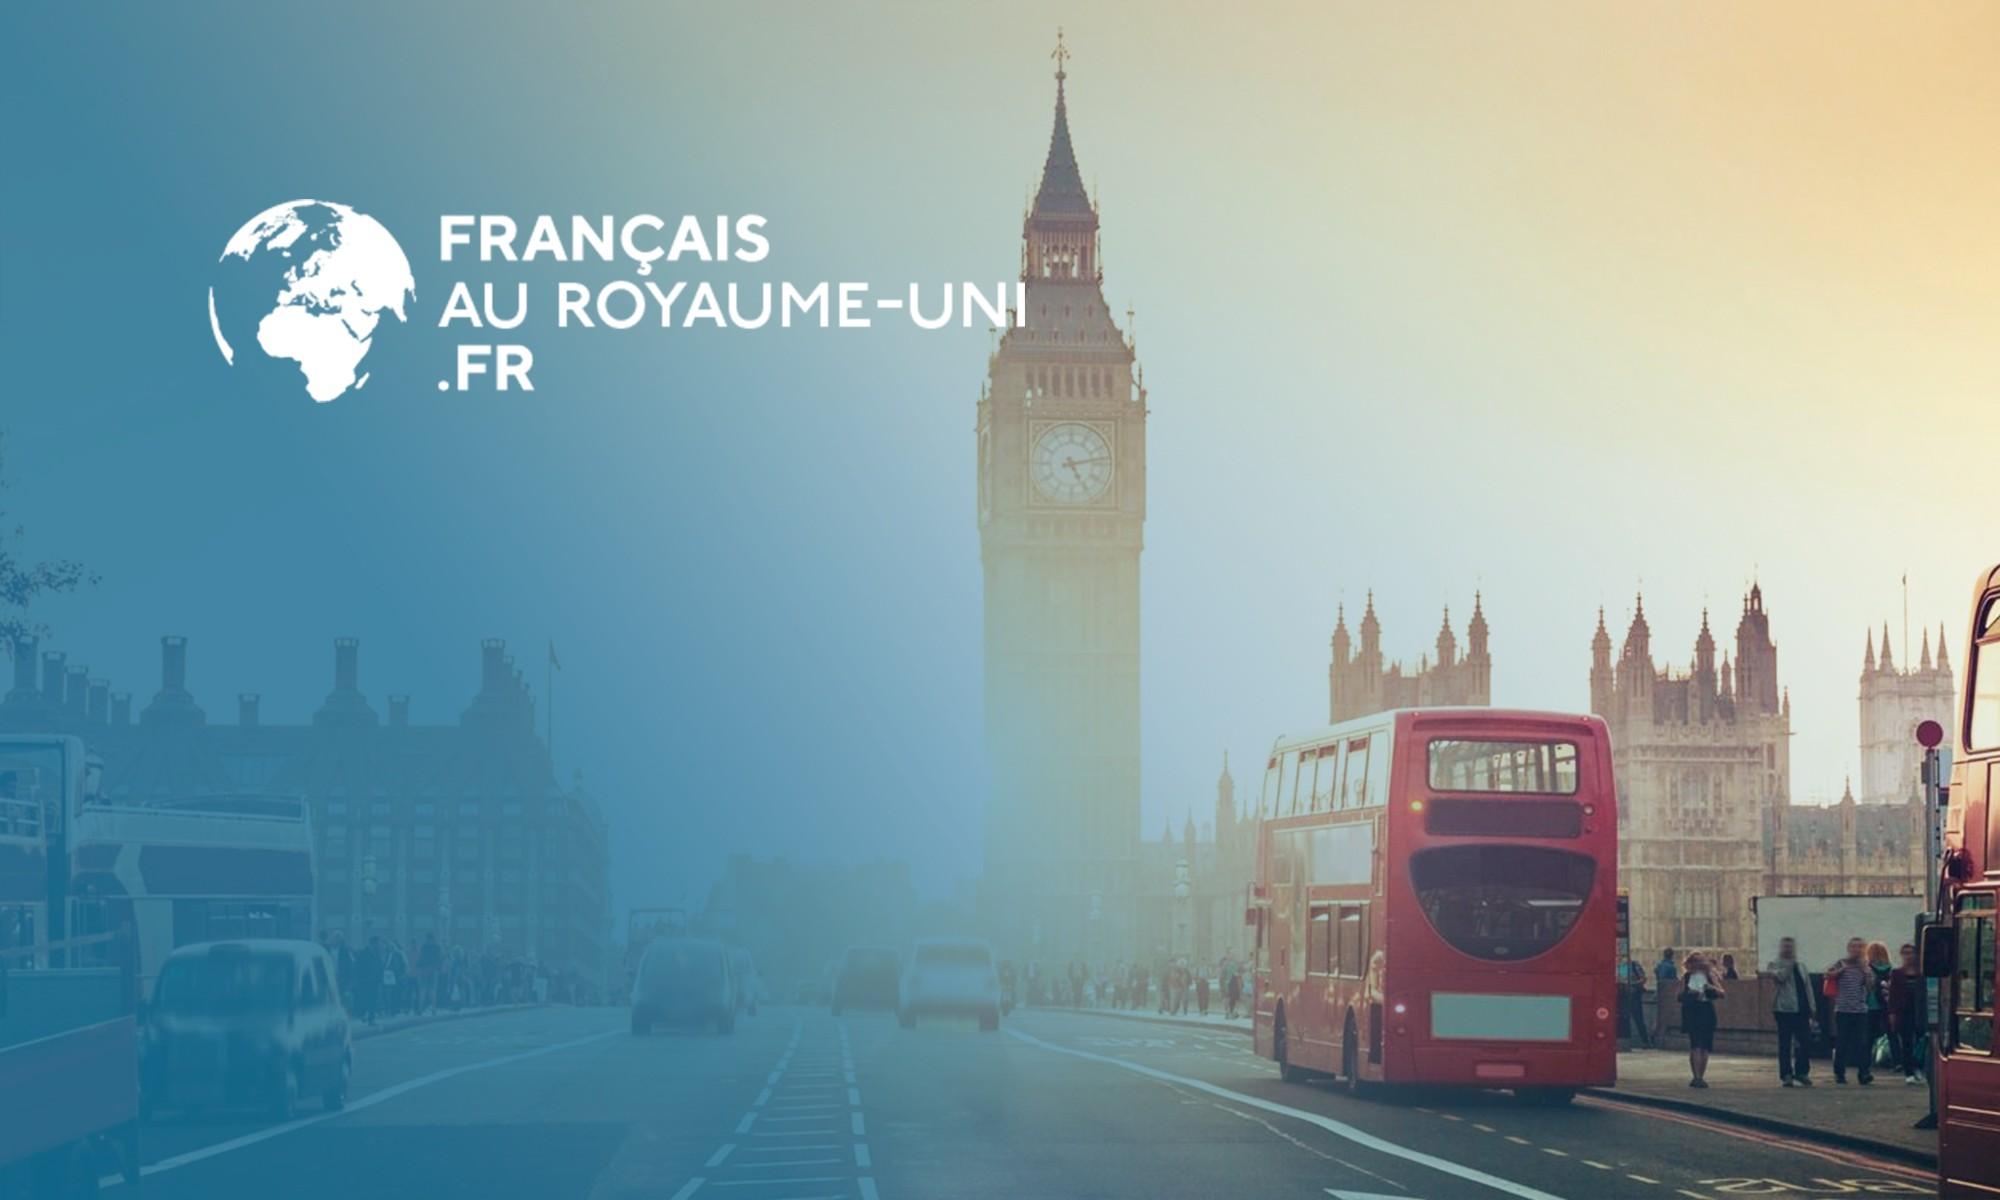 Français au Royaume-Uni